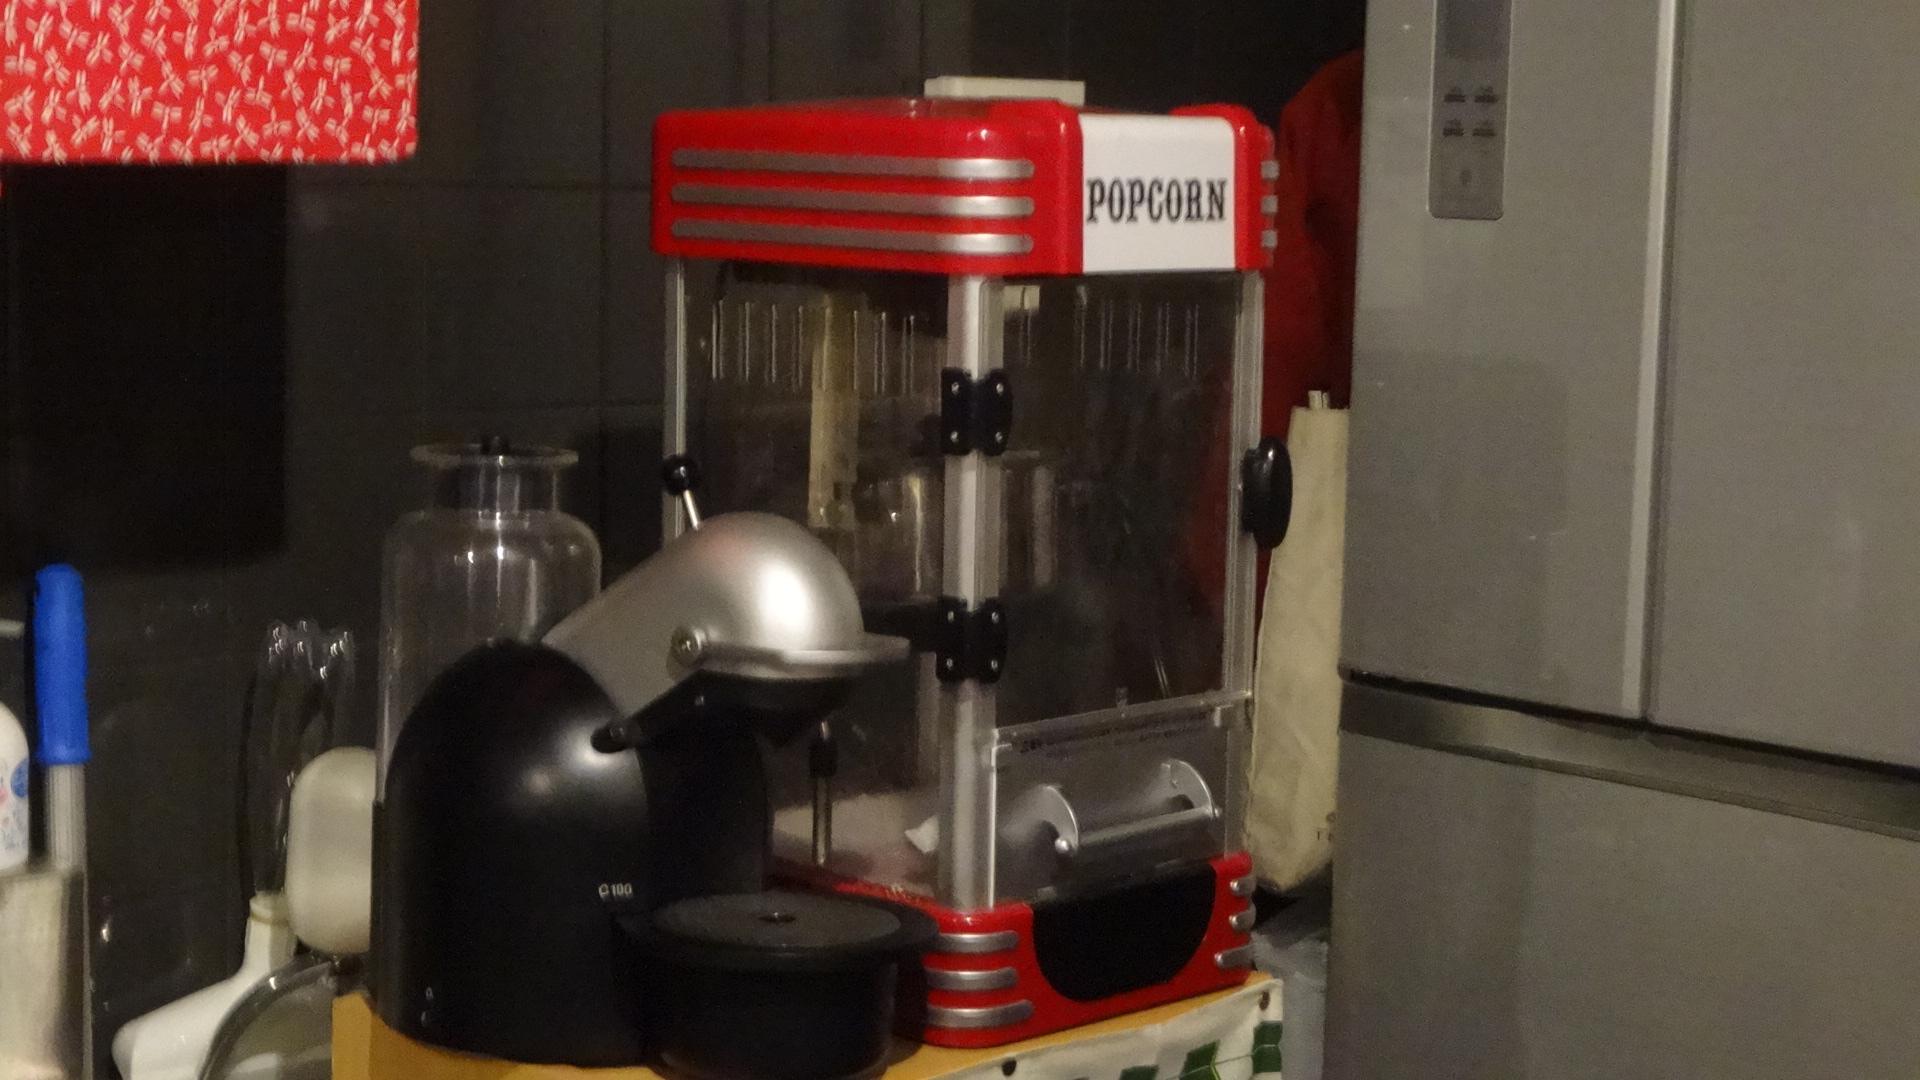 カウンターの奥にあるポップコーンマシン